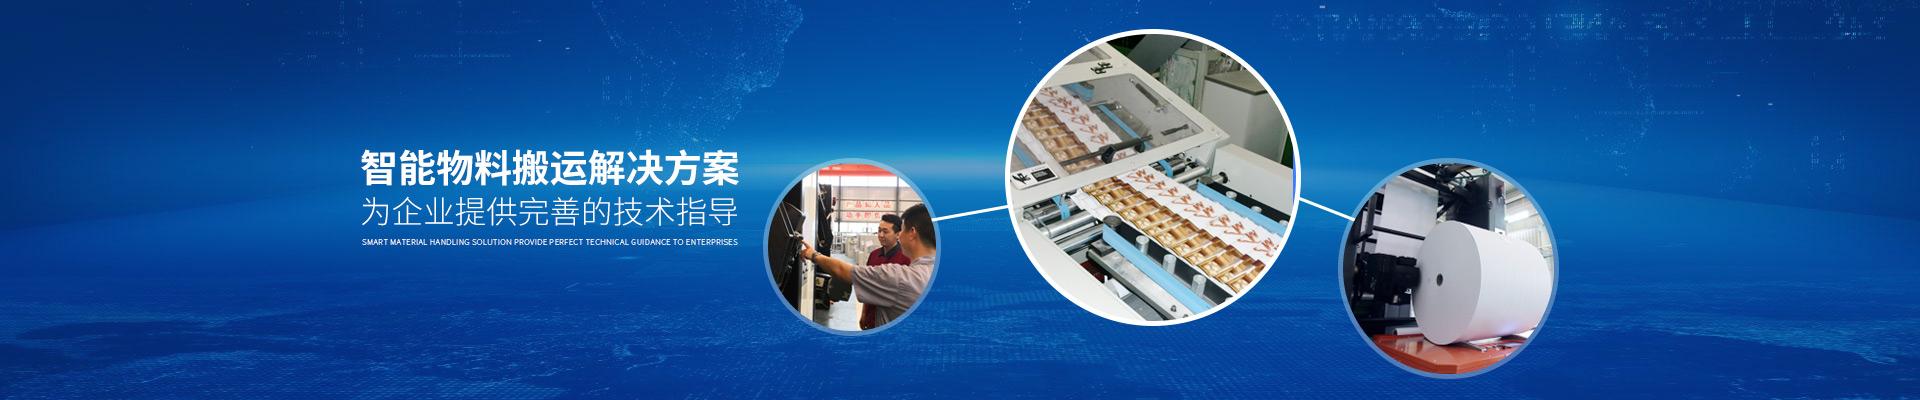 智能物料搬运解决方案,为企业提供完善的技术指导